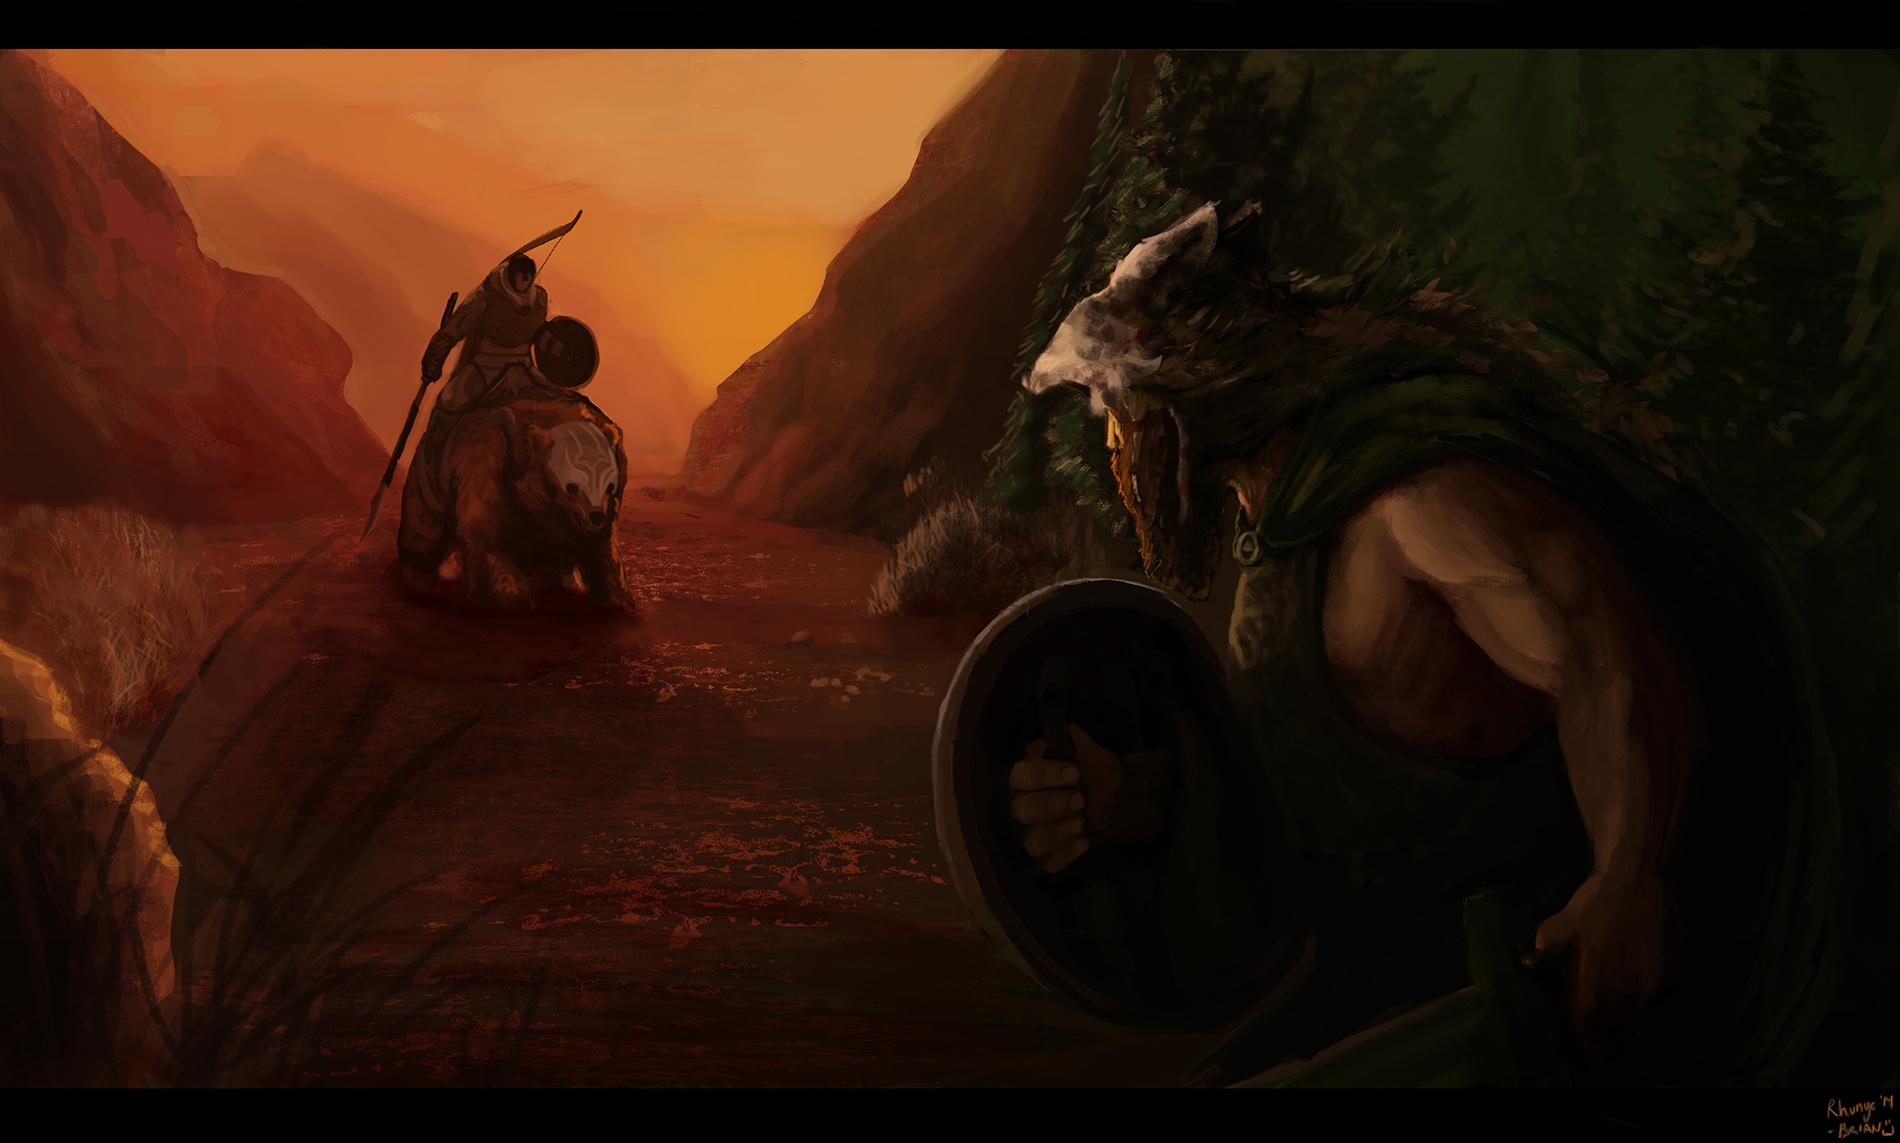 Vikings aren't sneaky